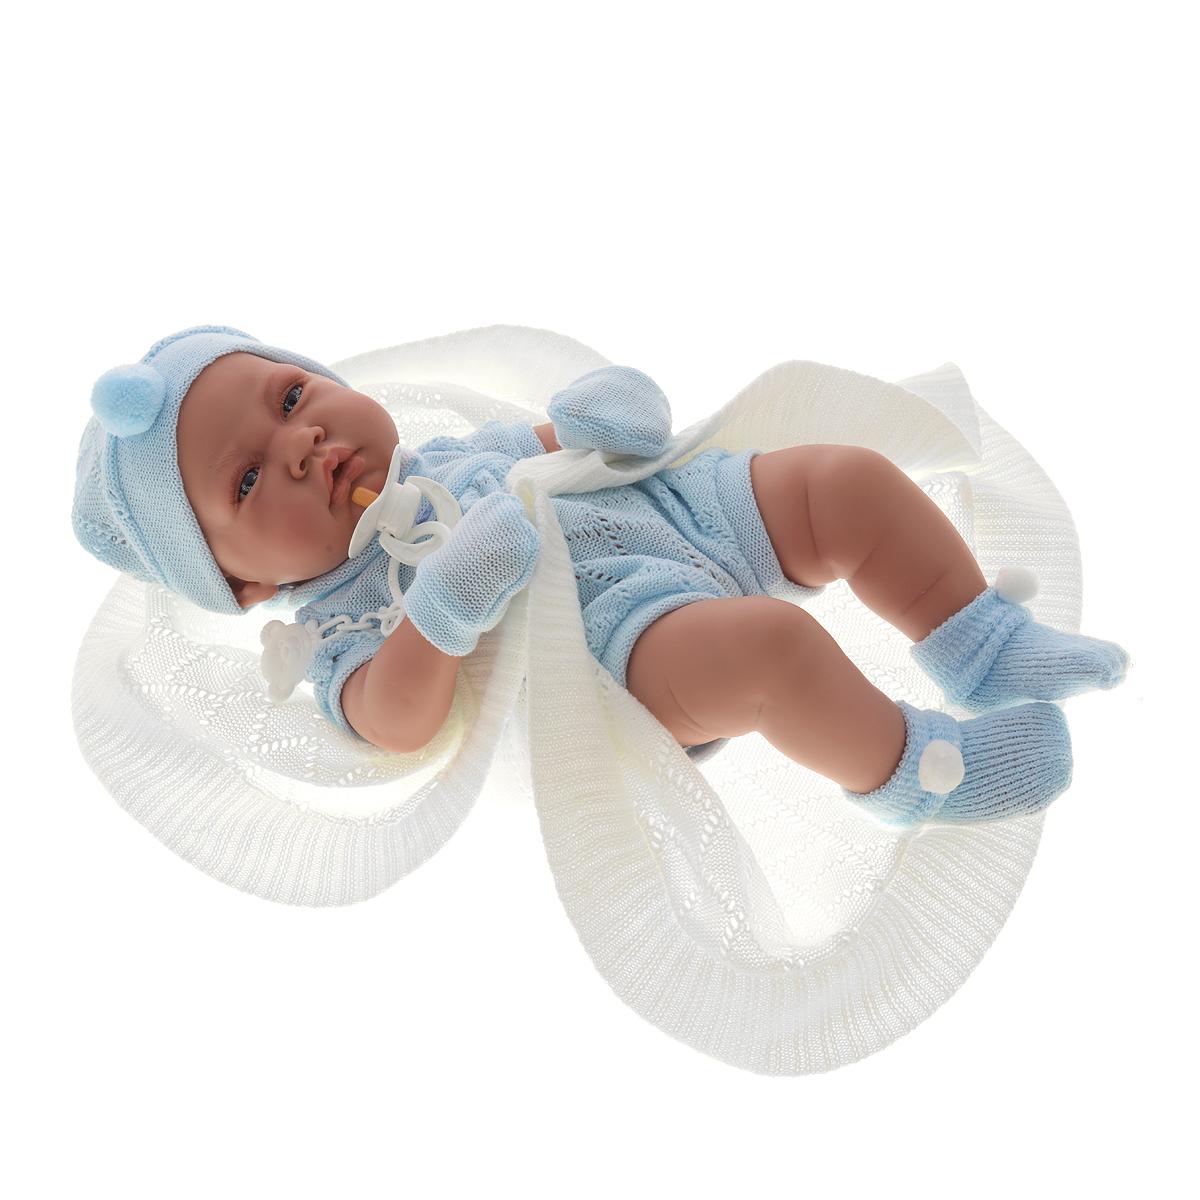 Munecas Antonio Juan Пупс Тони цвет голубой5063BКукла-мальчик Antonio Juan Тони порадует вашу малышку и подарит массу положительных эмоций. Кукла выполнена с анатомической точностью и выглядит совсем как настоящий младенец. Кукла полностью изготовлена из высококачественного винила с покрытием софт-тач, мягкого и приятного на ощупь. Ручки, ножки и голова подвижные. У куклы идеально соблюдены пропорции тела, воспроизведены все складочки новорожденного. Тони является уменьшенной копией настоящего младенца с пухлыми щечками и поджатой нижней губкой. Малыш одет в вязаный ажурный комбинезончик с шортиками. На ножках - пинетки с помпончиком, на голове - шапочка, а на ручках надеты варежки-царапки. В комплект также входит вязаное одеяльце и соска на прищепке. Встреча с такой куклой вызывает только одно желание - позаботиться о ней, прижать ее к себе, убаюкать, покормить, запеленать. Такая игрушка - предел мечтаний любой девочки! Игра в куклы учит детей проявлять заботу, доброту и выражать свои чувства. ...